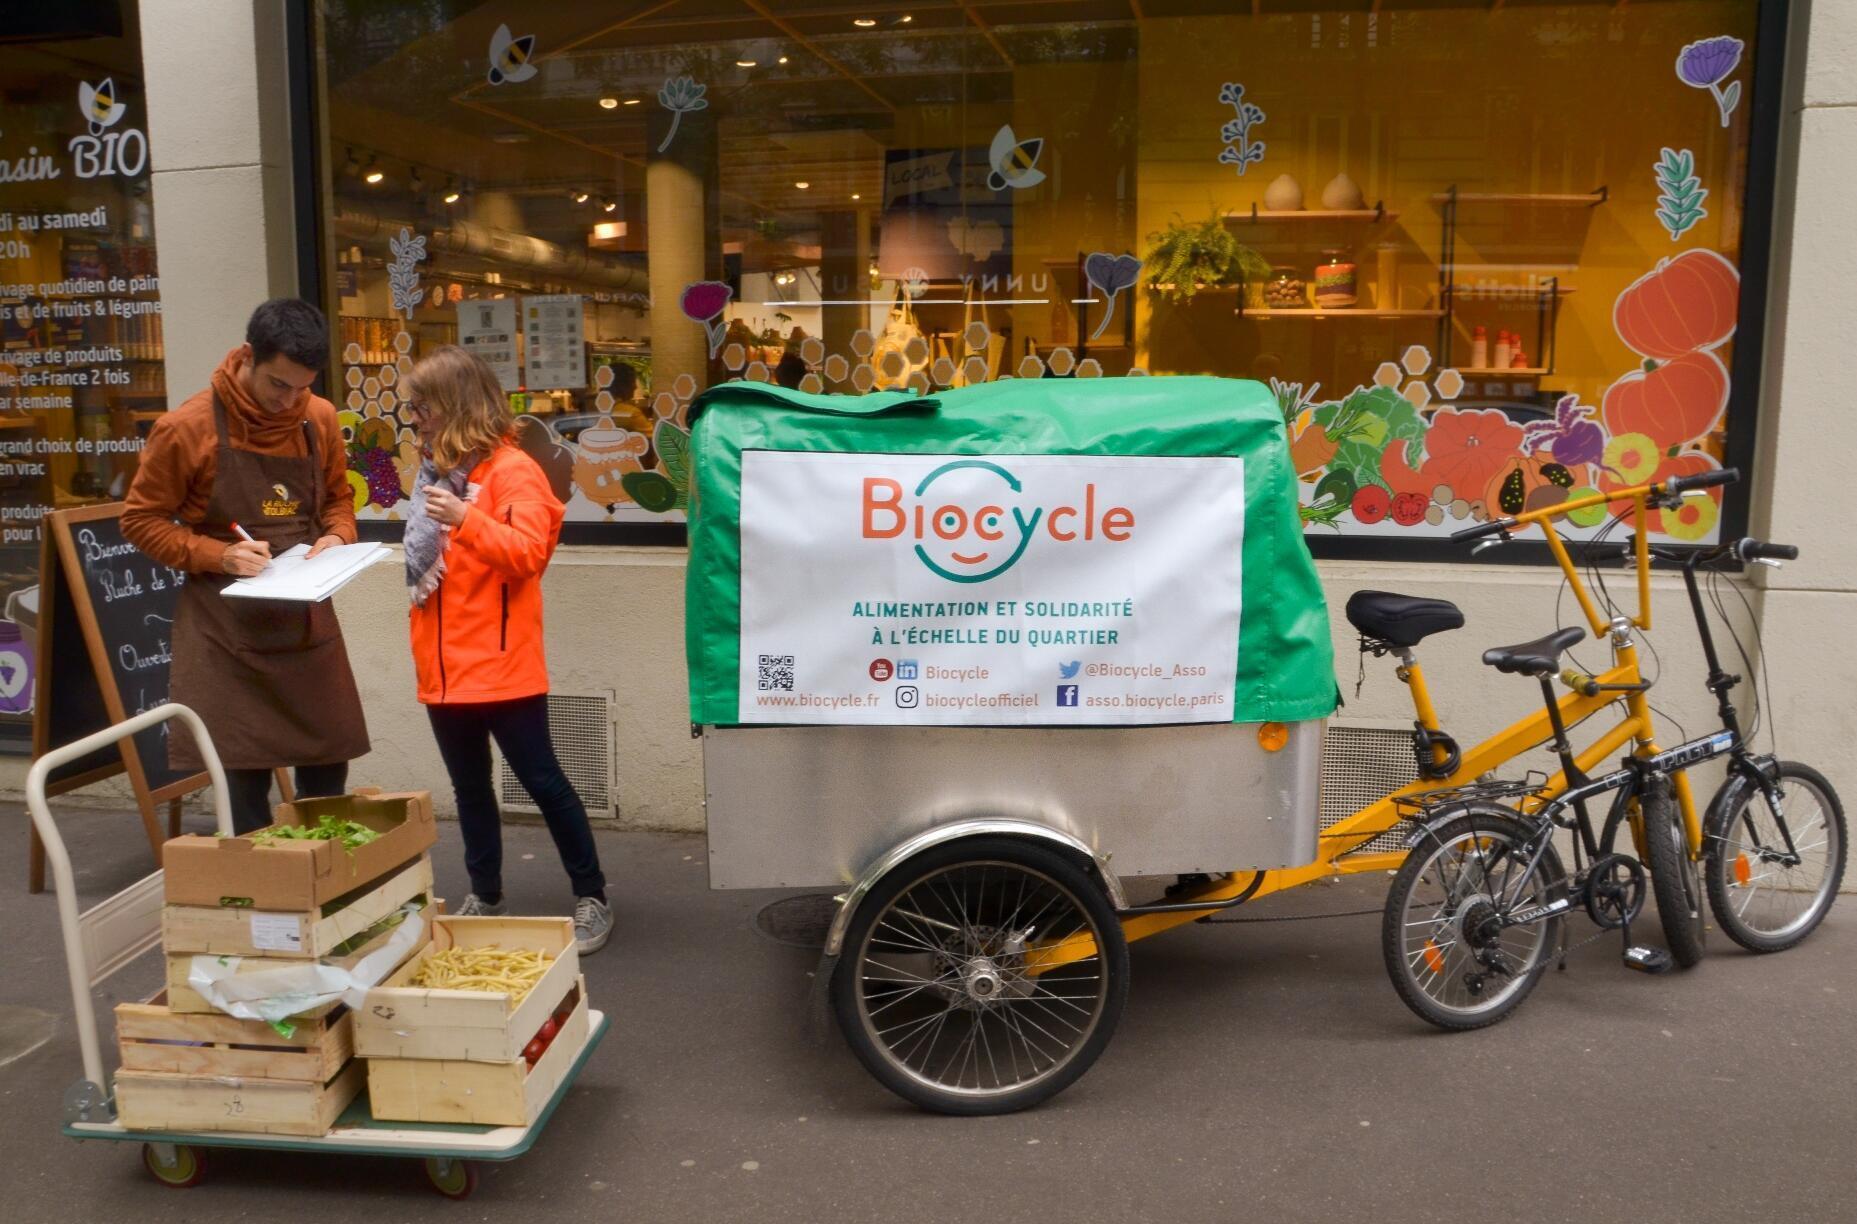 Les bénévoles de Biocycle sillonnent chaque jour la capitale française à bord de leur triporteur à assistance électrique.